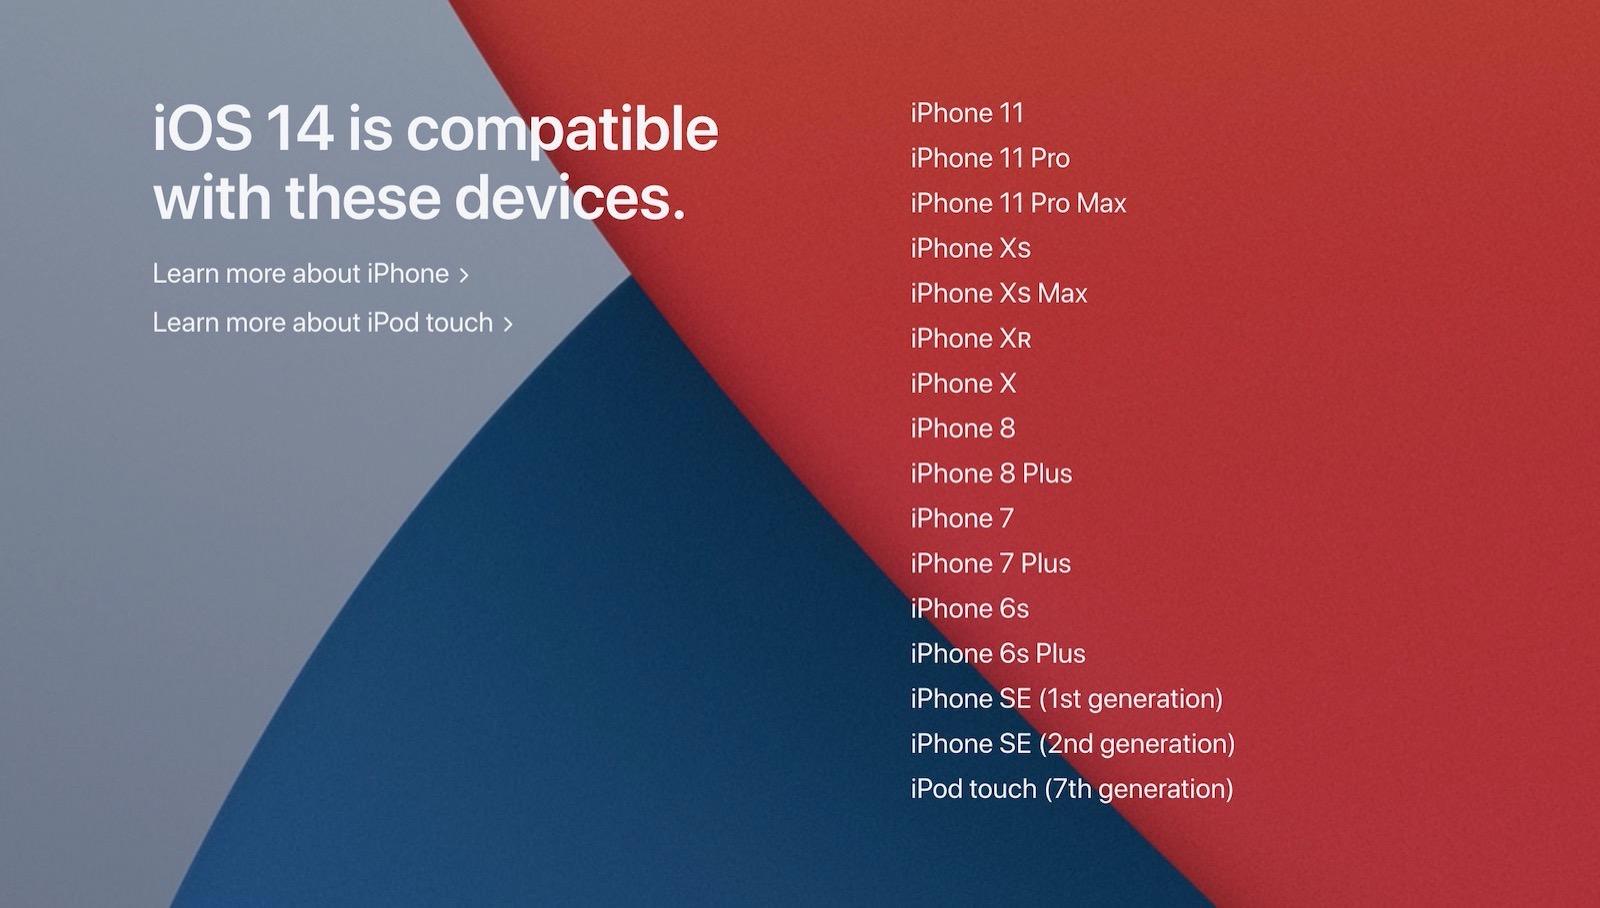 アップデート iphone 14